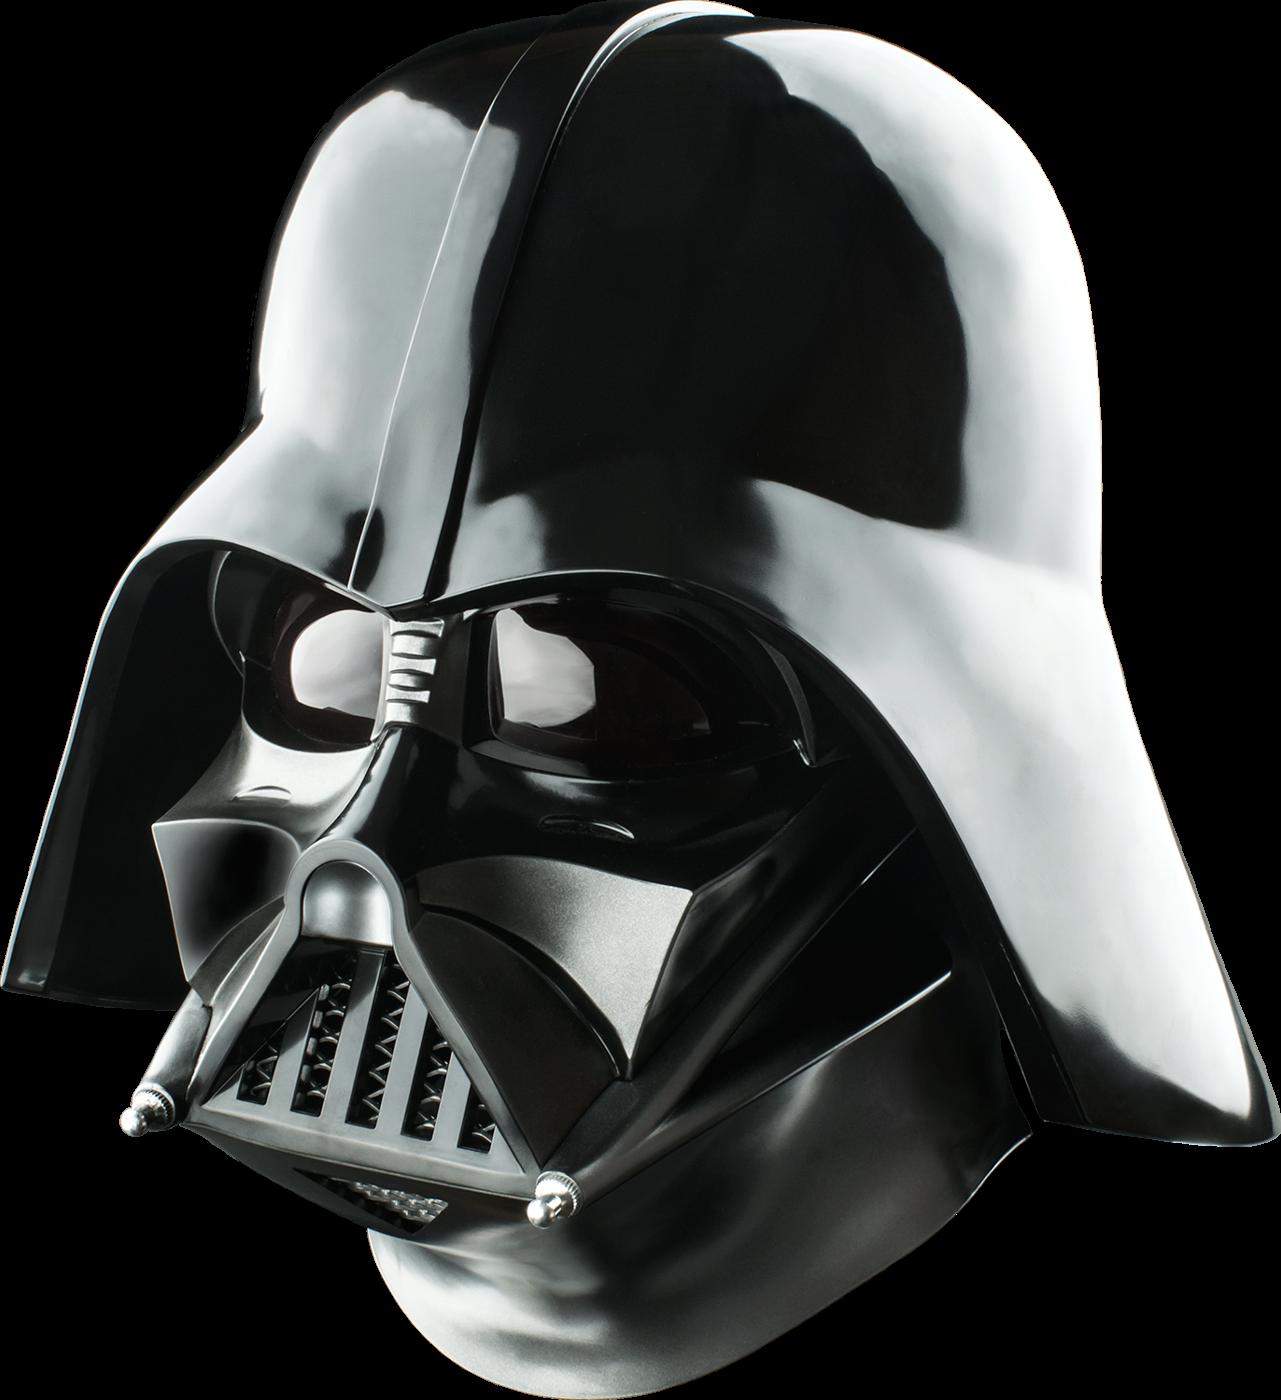 for free download. Darth vader helmet png